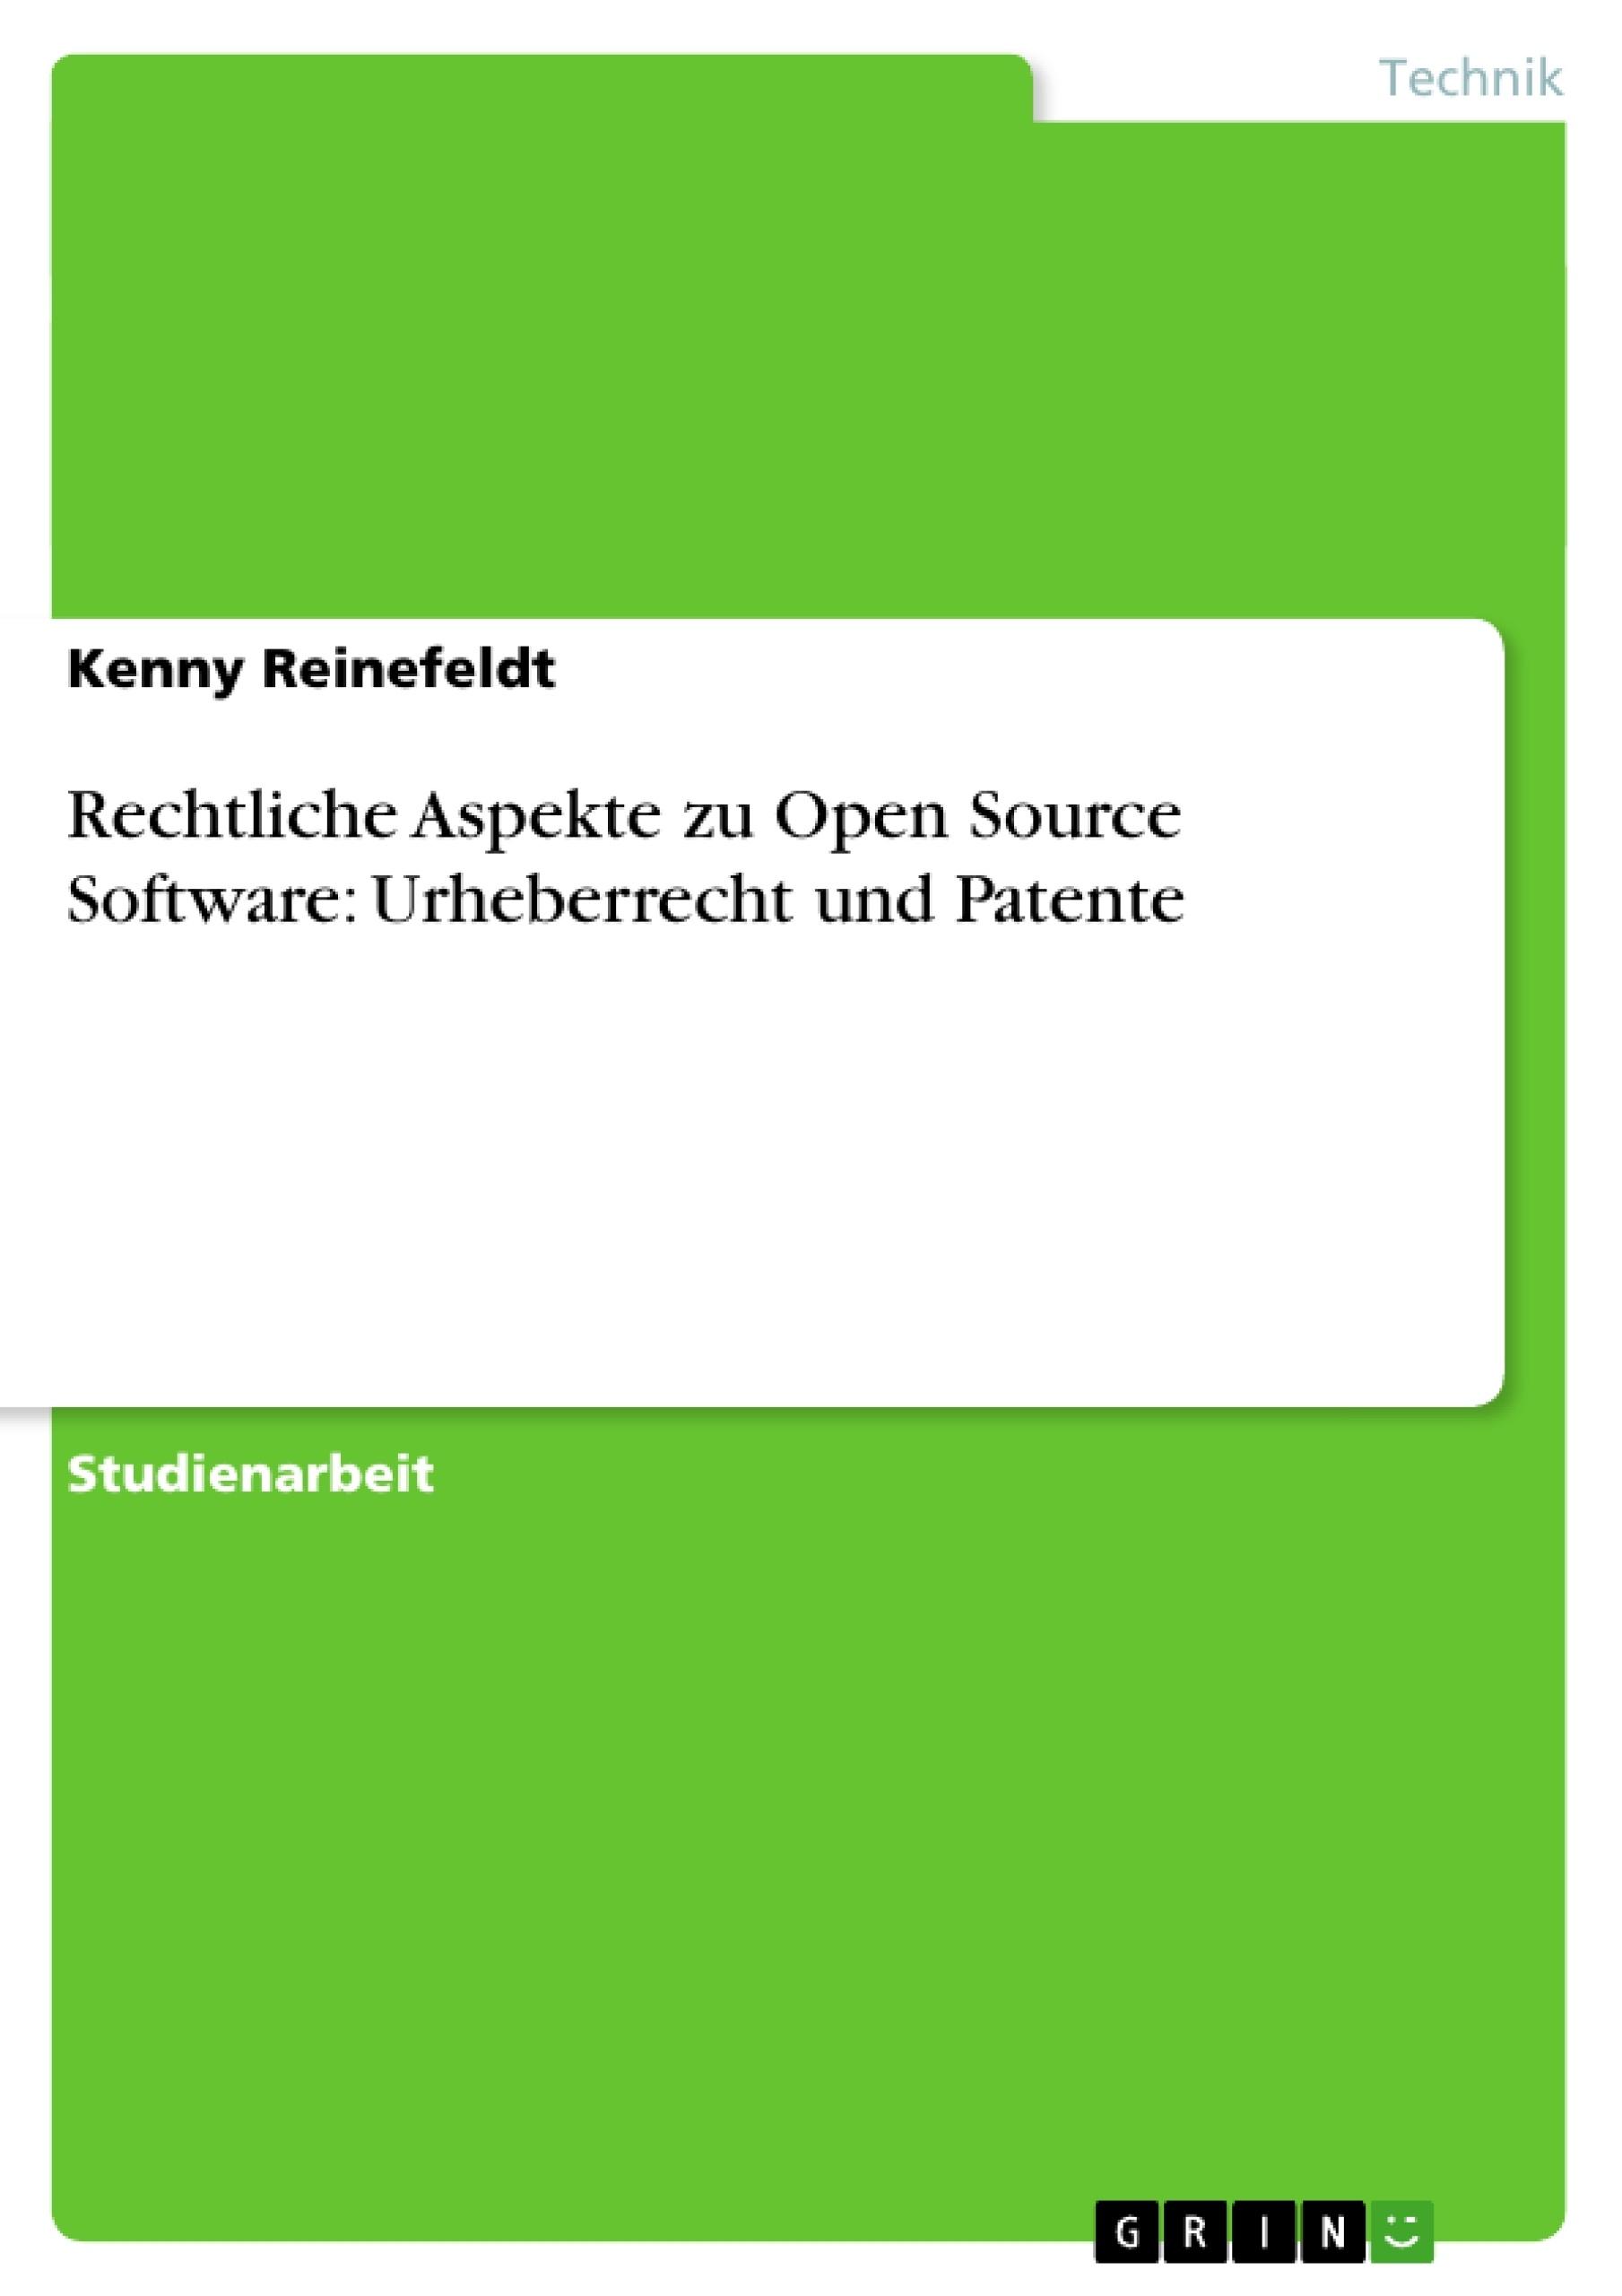 Titel: Rechtliche Aspekte zu Open Source Software: Urheberrecht und Patente